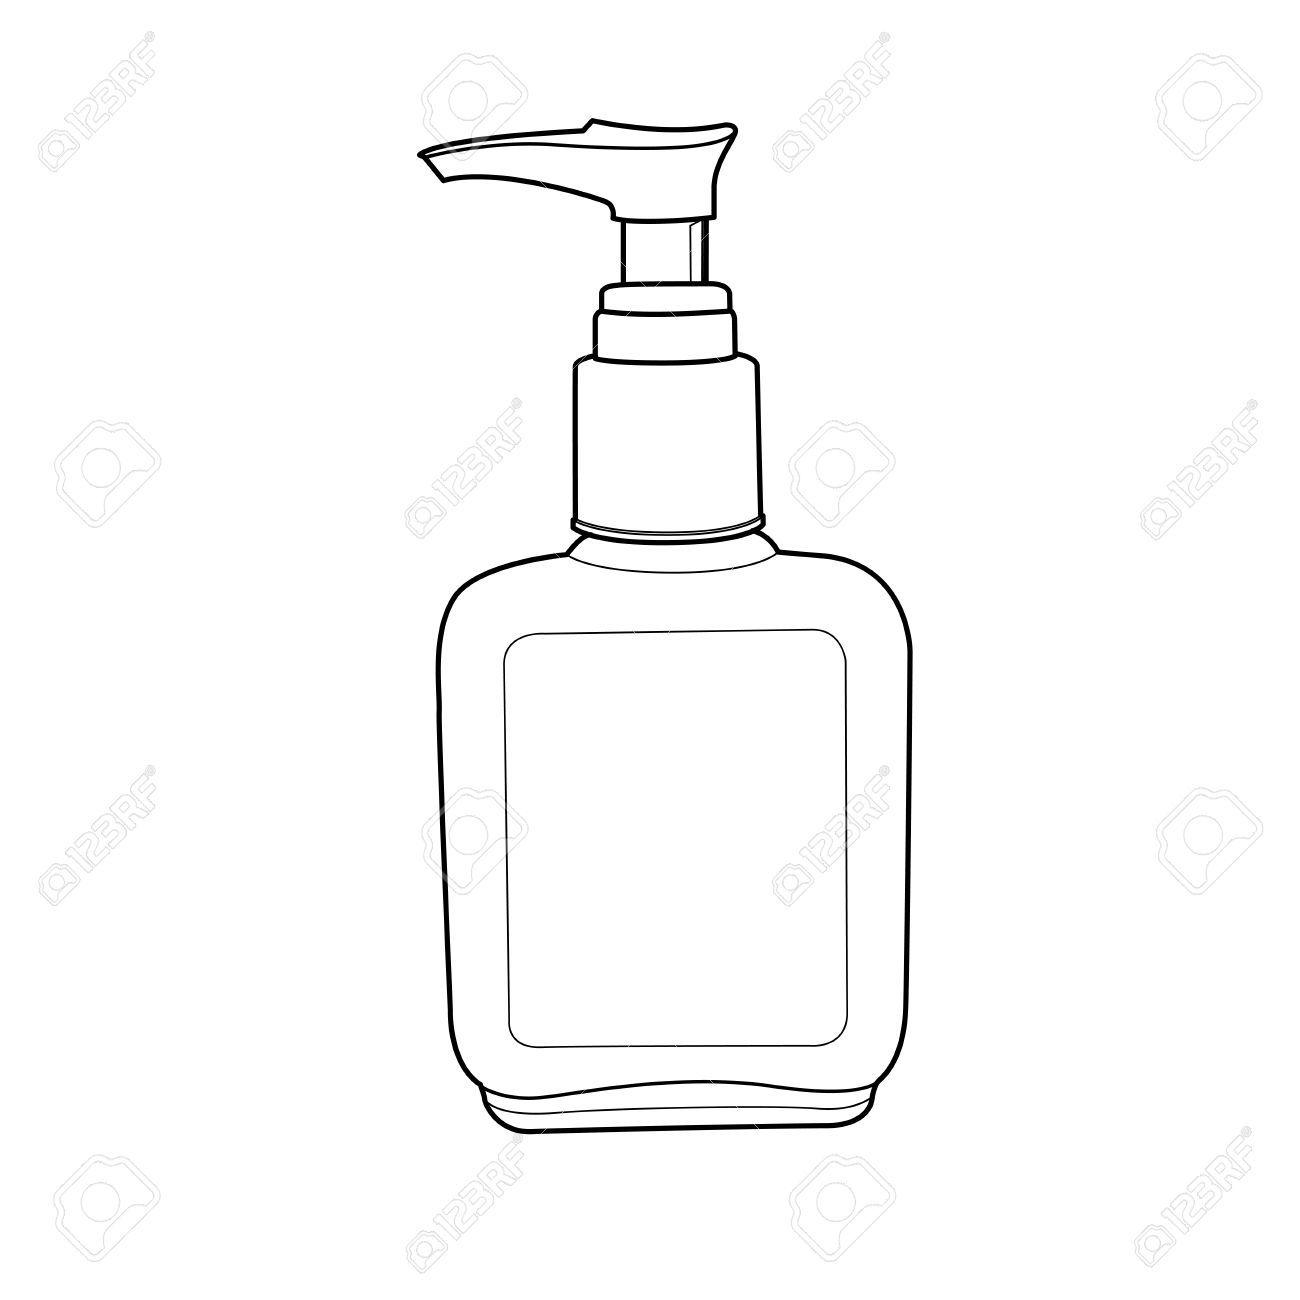 Lotion bottle clipart 5 » Clipart Portal.